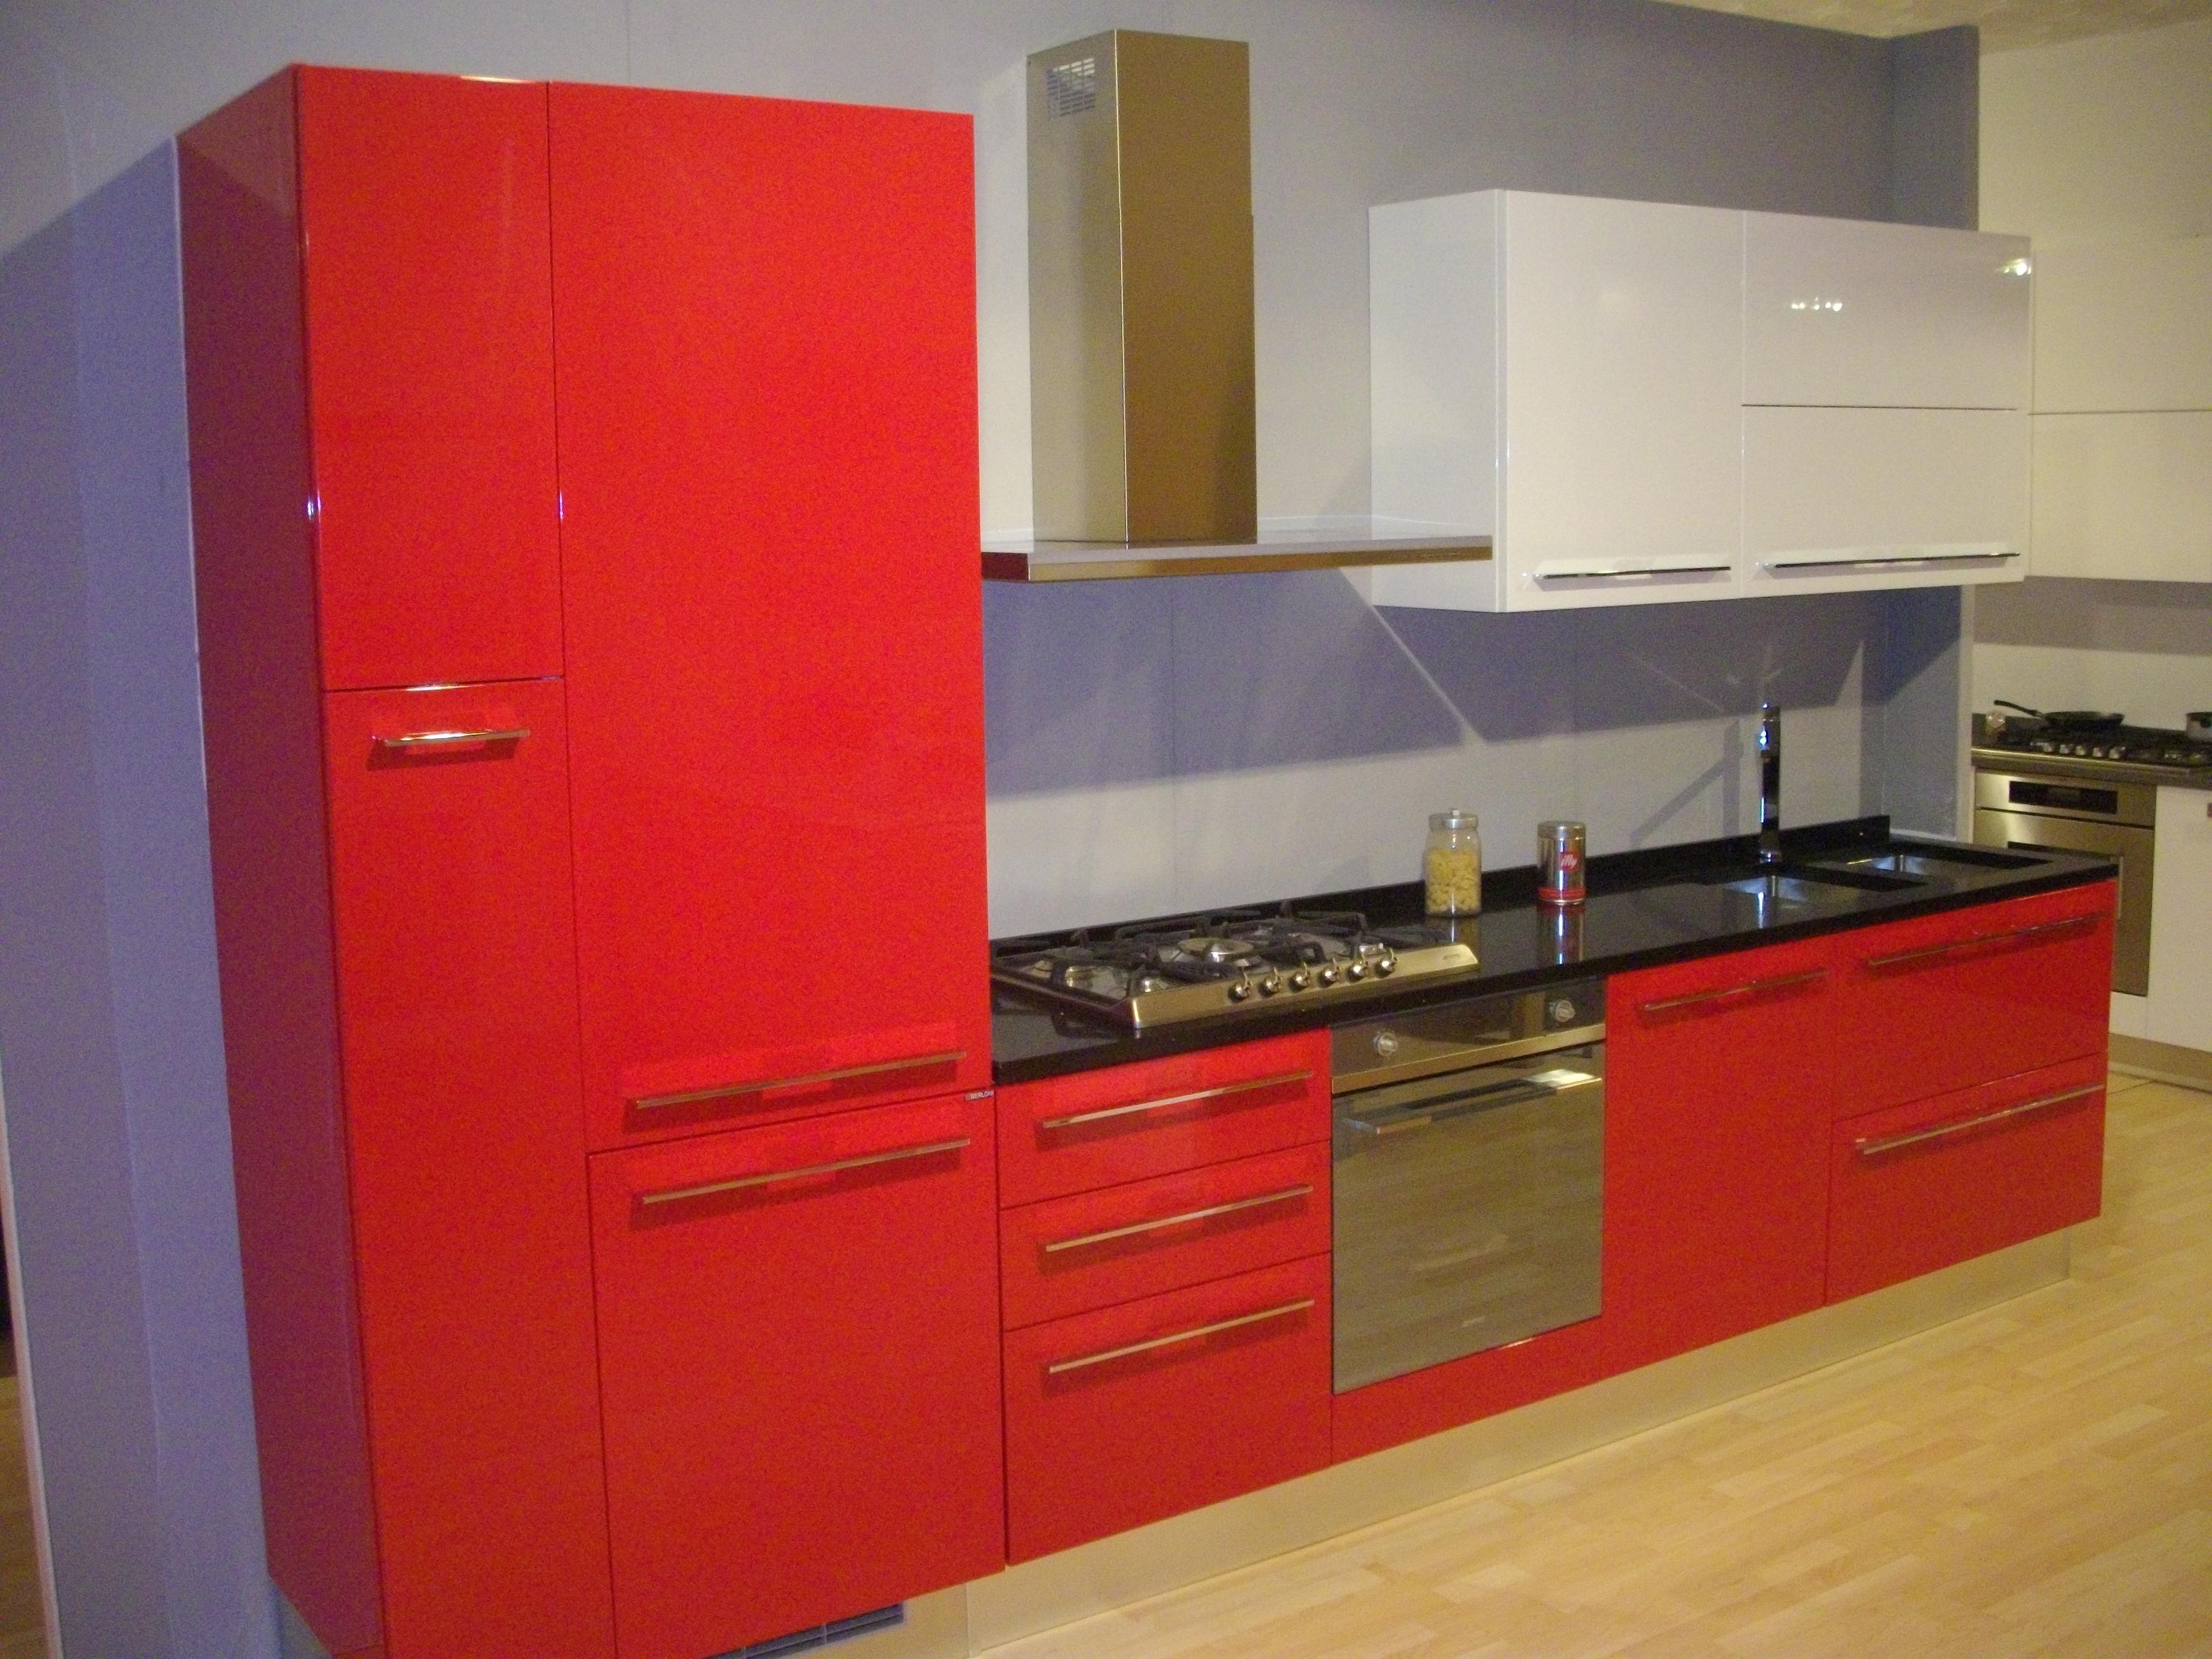 Emejing mondo convenienza cucina katy pictures home interior ideas - Cucina alice mondo convenienza ...